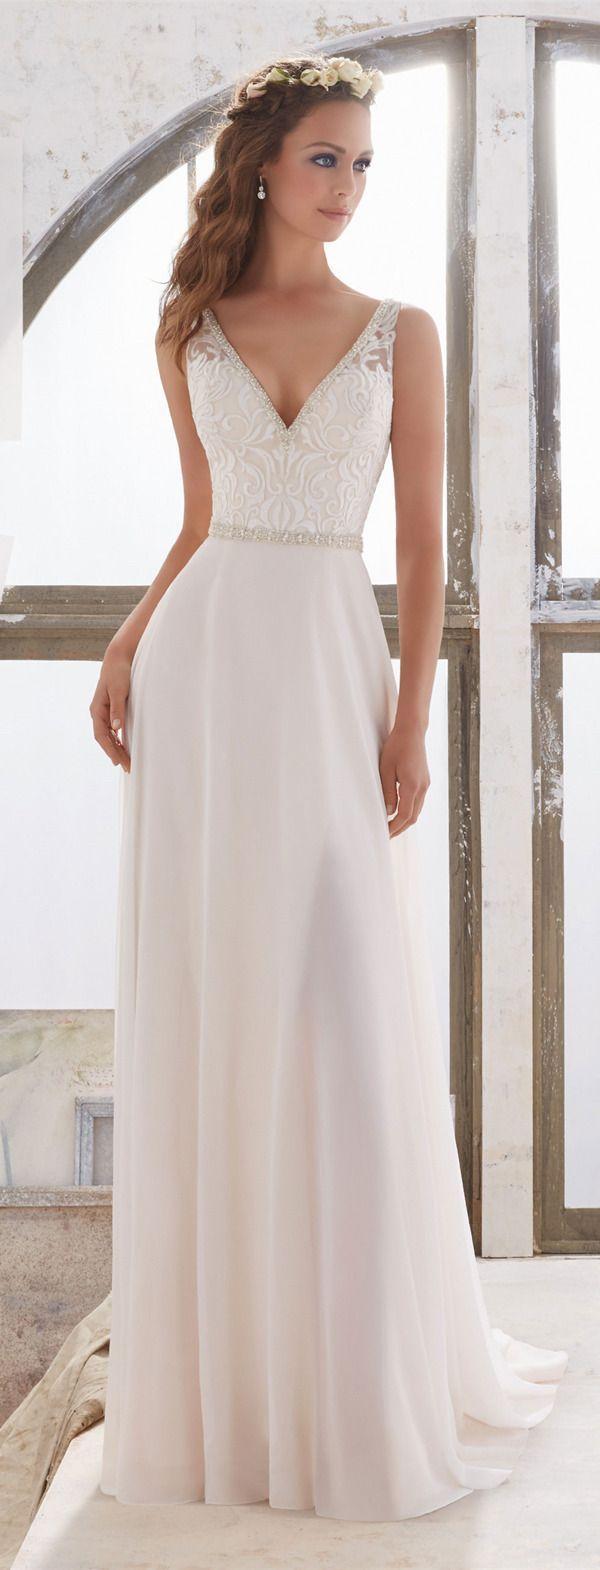 Vestidos de novia sencillos de noche